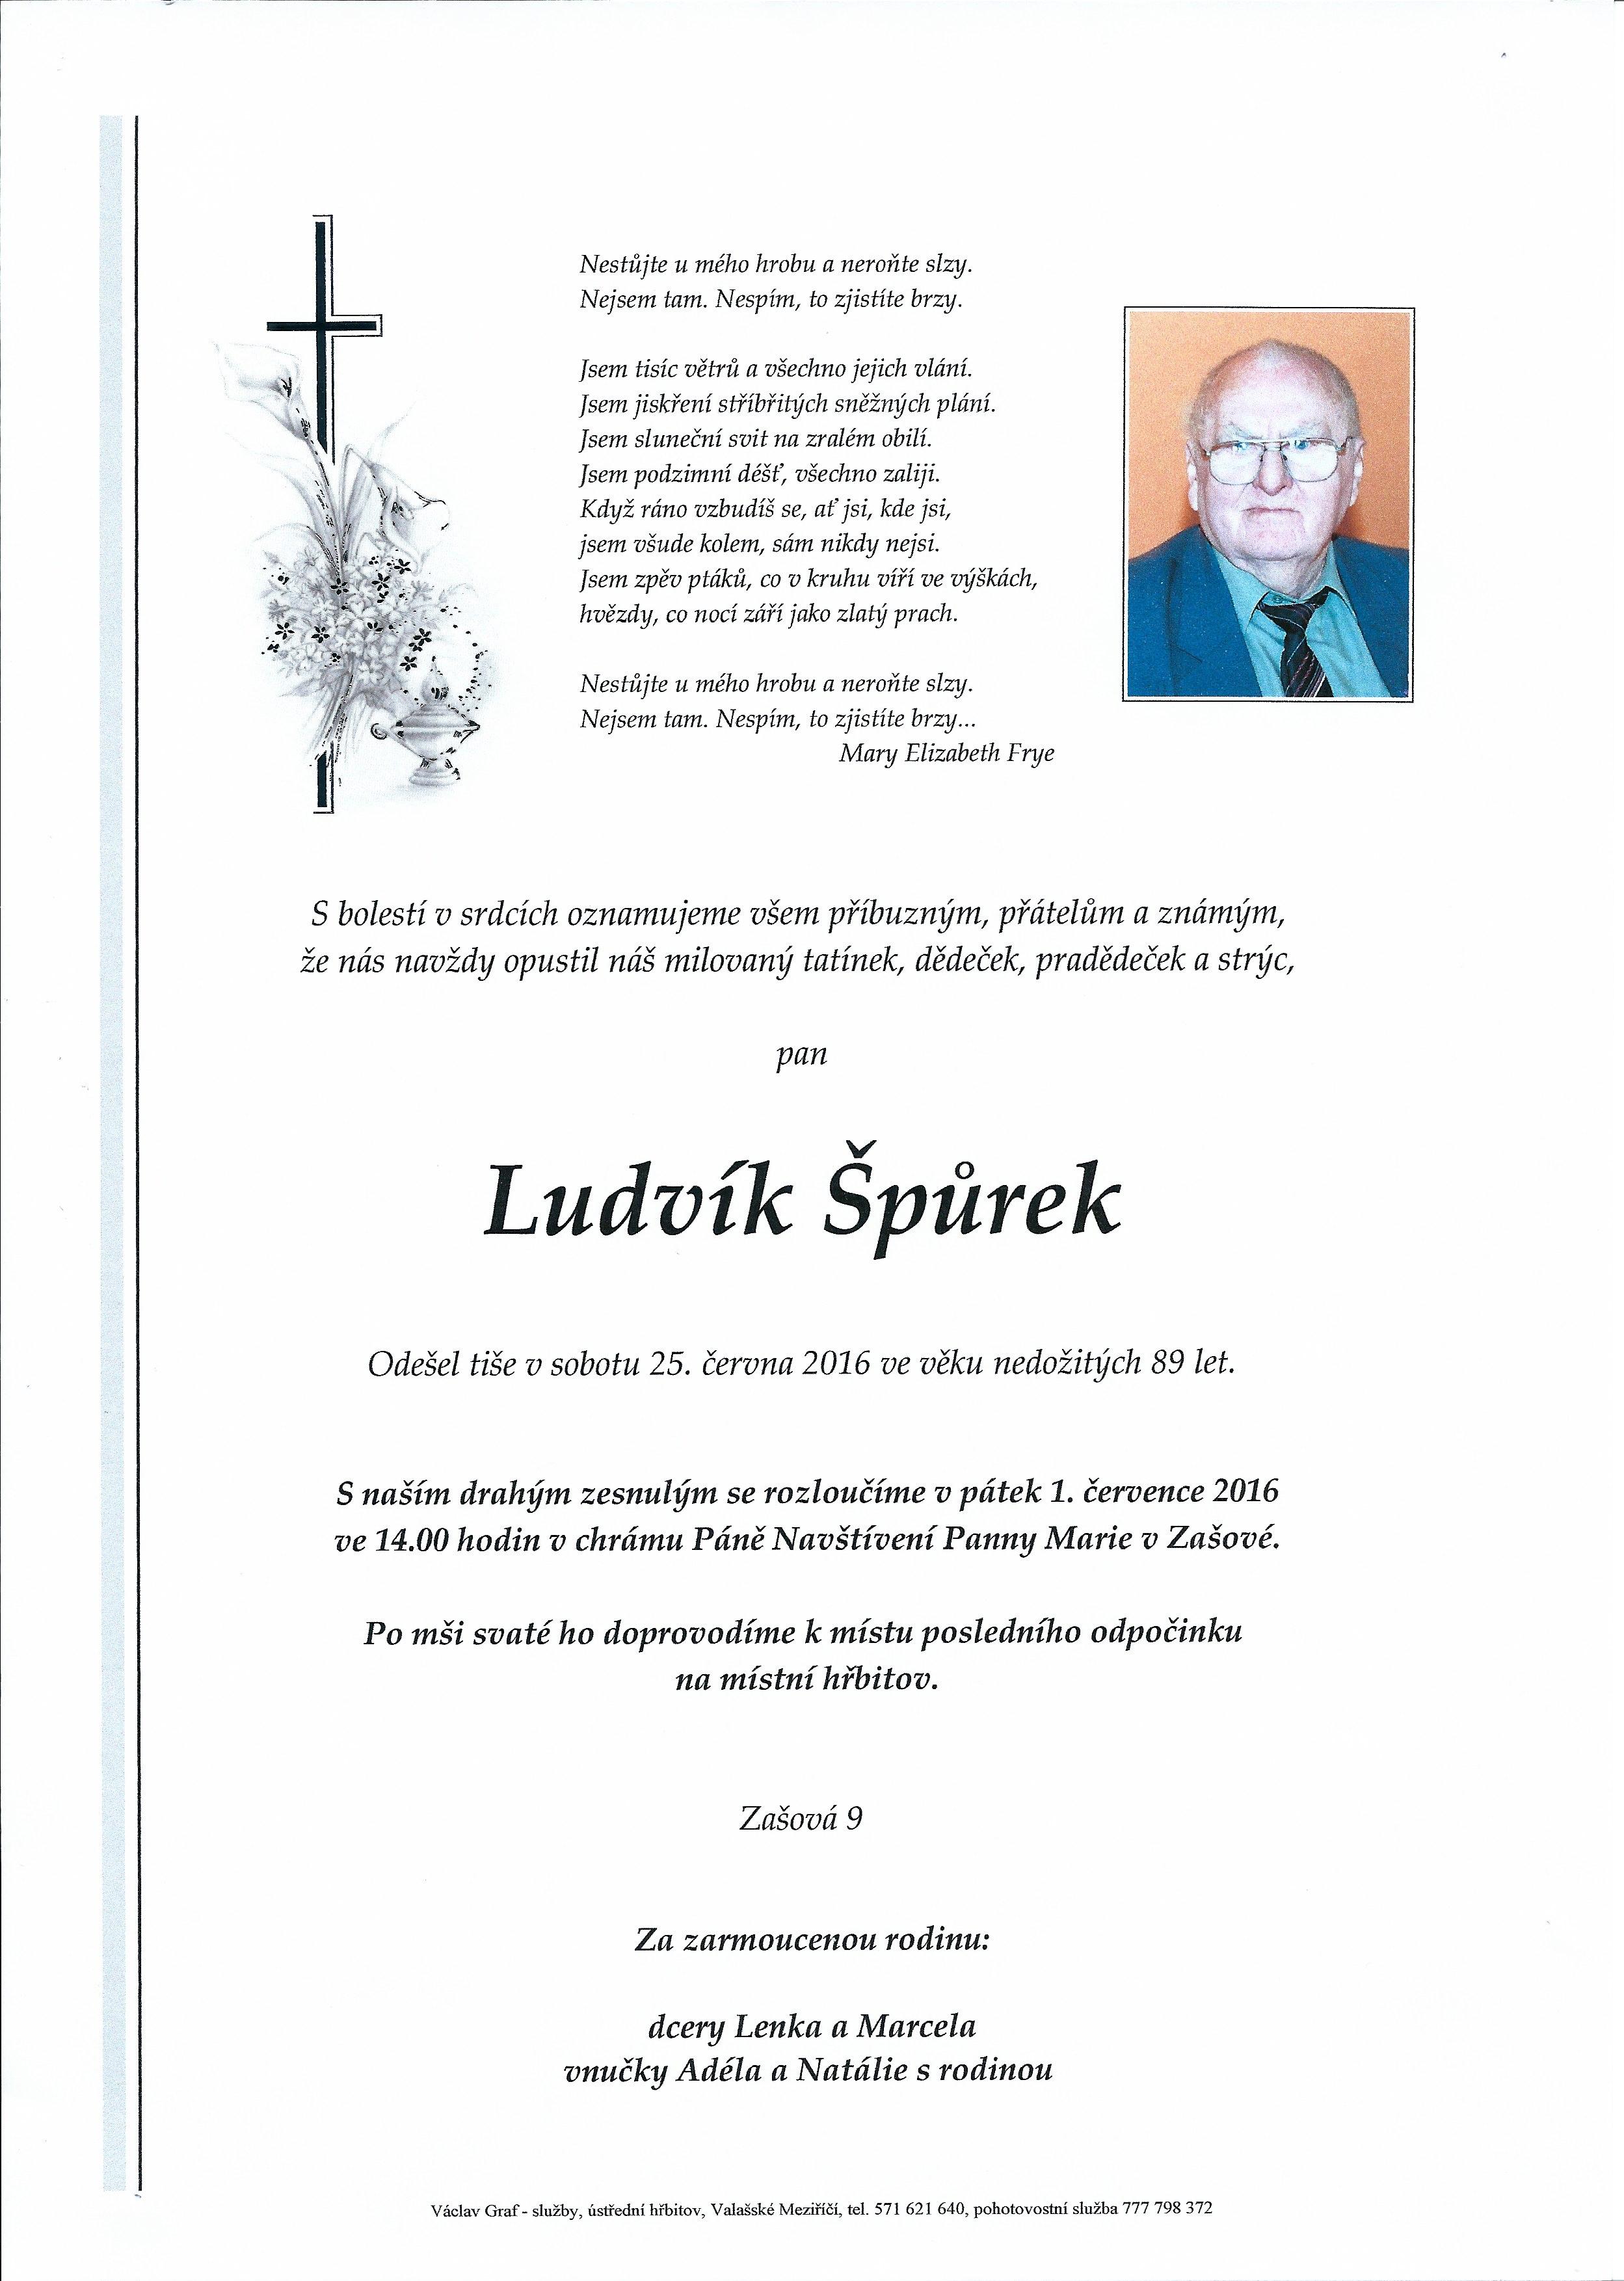 Ludvík Špůrek